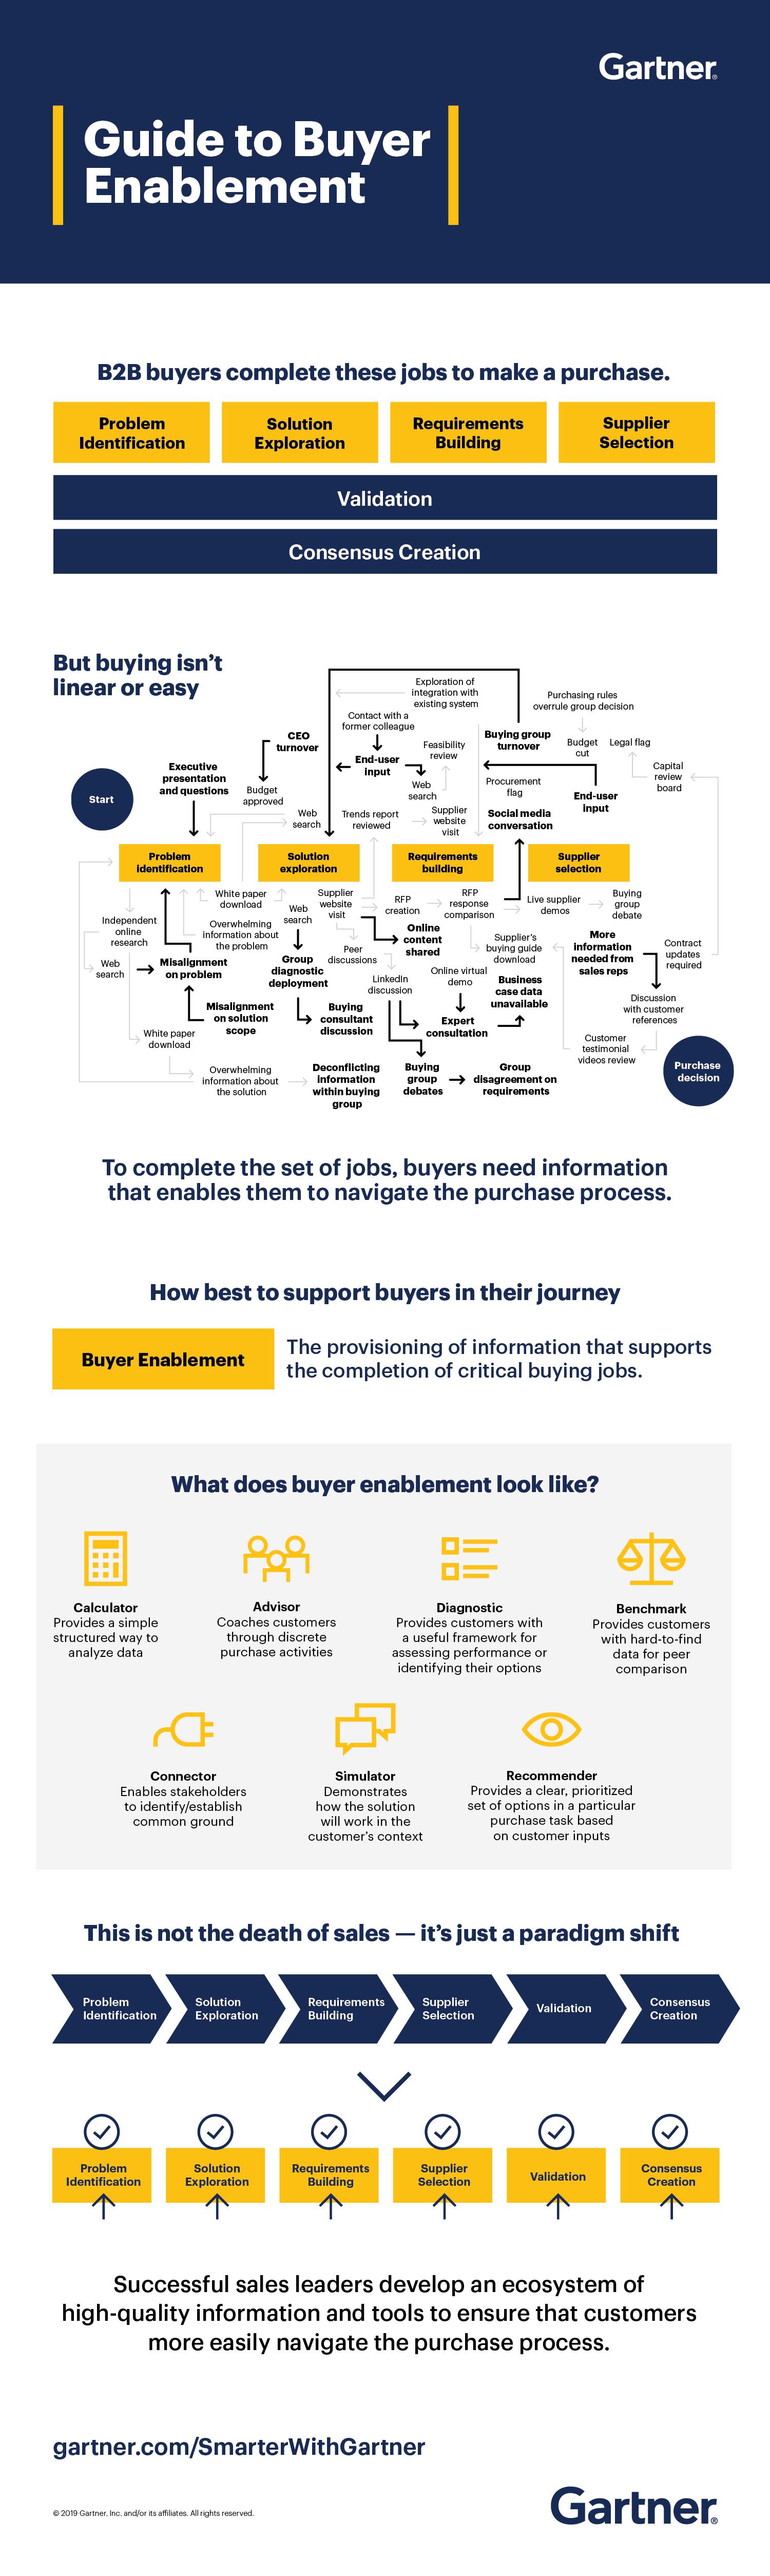 Gartner's Guide to Buyer Enablement